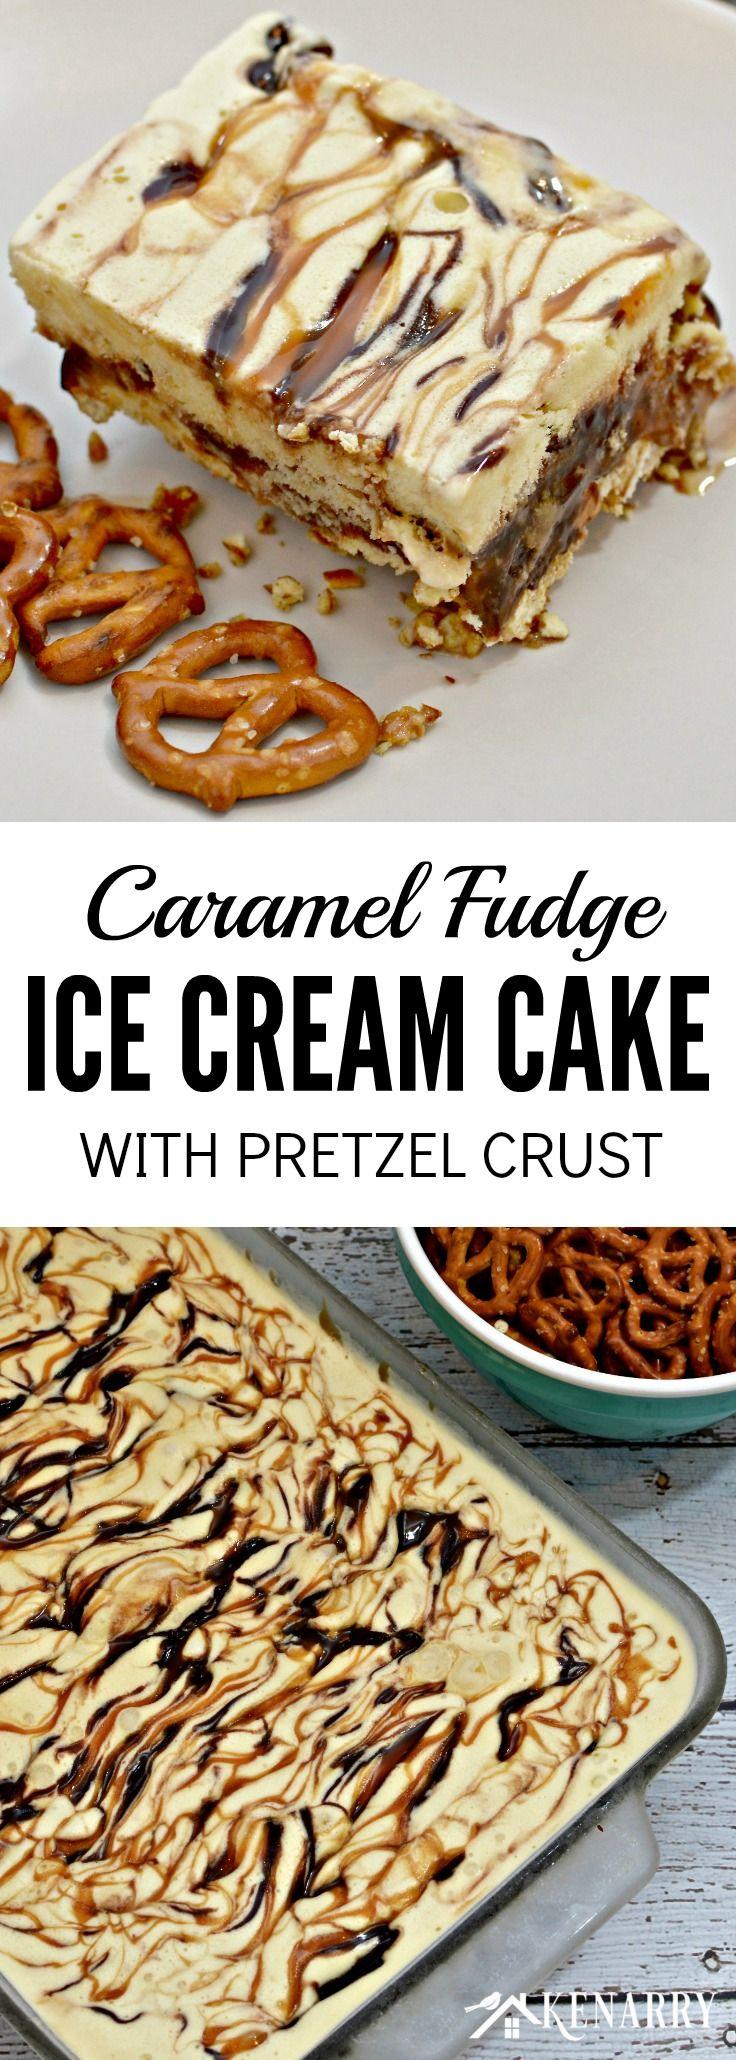 Caramel Fudge Ice Cream Cake With Pretzel Crust